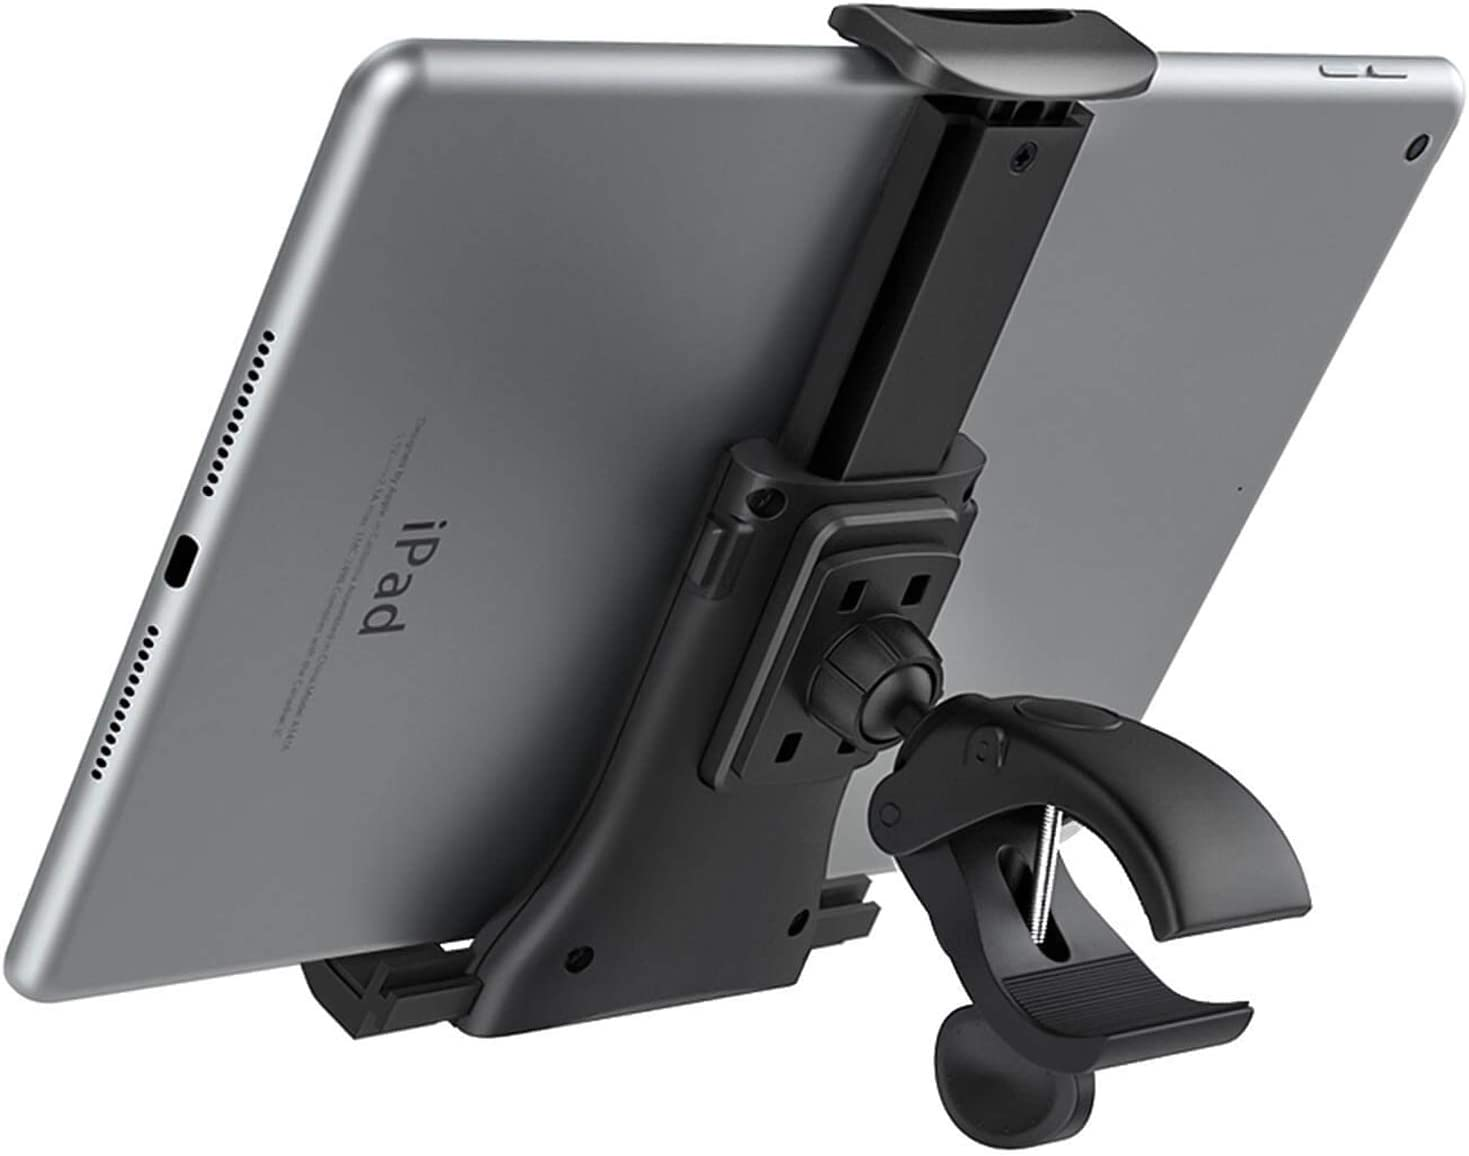 MoKo Soporte en Manija de Bicicleta, para Móvil y Tableta 4-11 Pulgadas, Adecuado Bicicleta Ciclismo Interior, Gimnasio, Cinta de Correr, Adecuado para iPhone, iPad Pro, Air 4, Mini 5, Tab S6, Negro